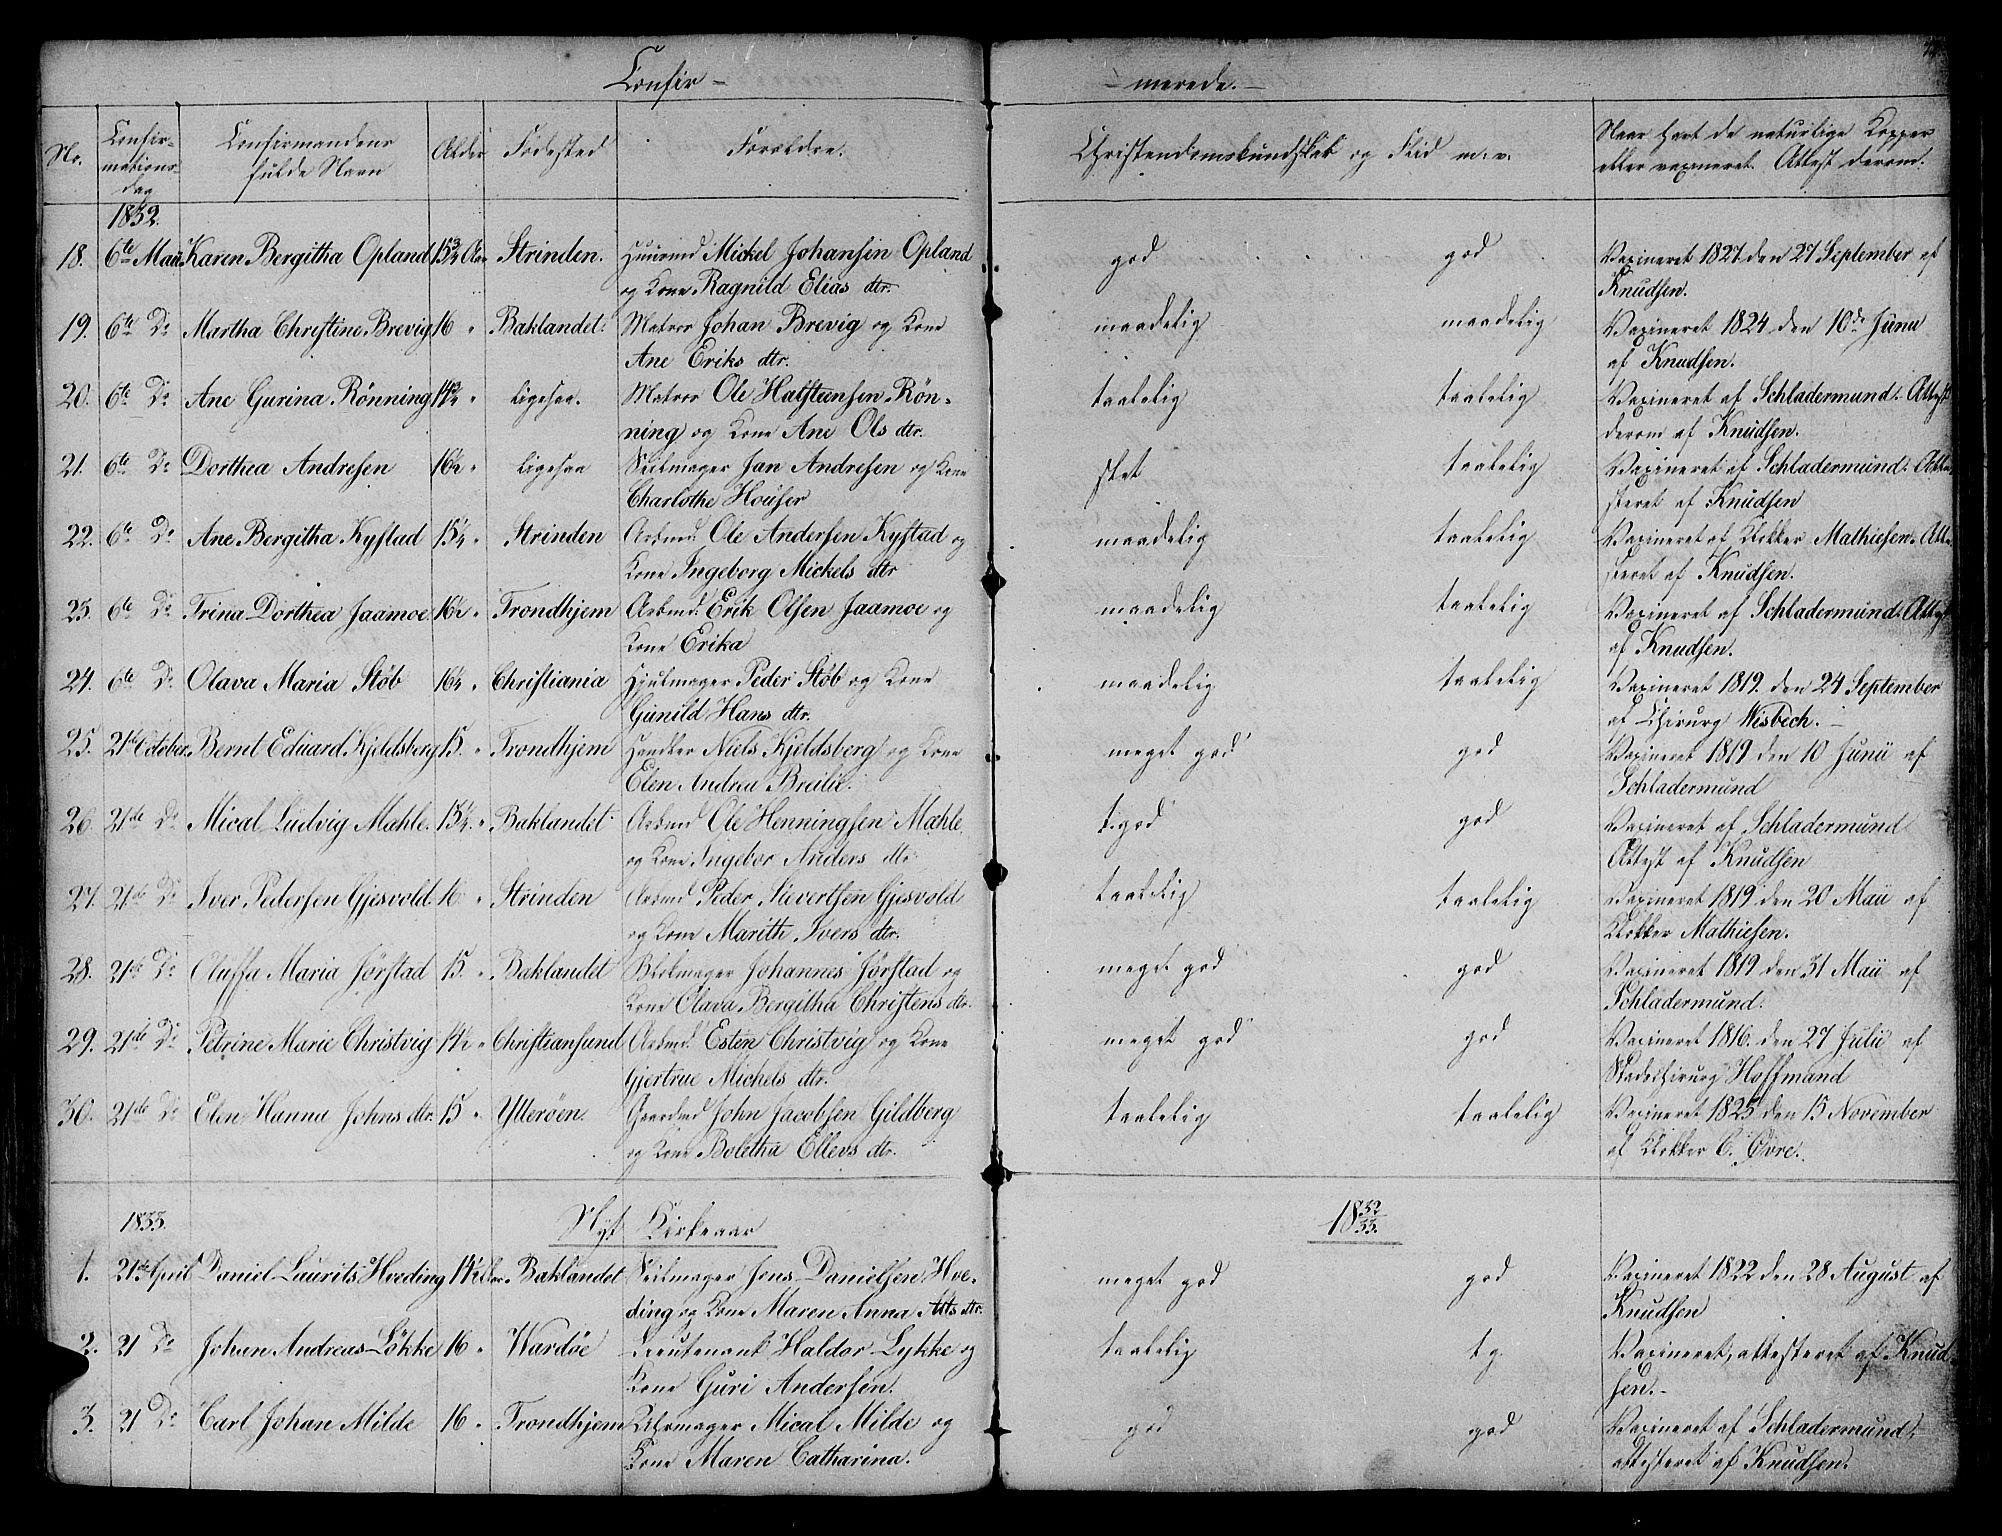 SAT, Ministerialprotokoller, klokkerbøker og fødselsregistre - Sør-Trøndelag, 604/L0182: Ministerialbok nr. 604A03, 1818-1850, s. 72